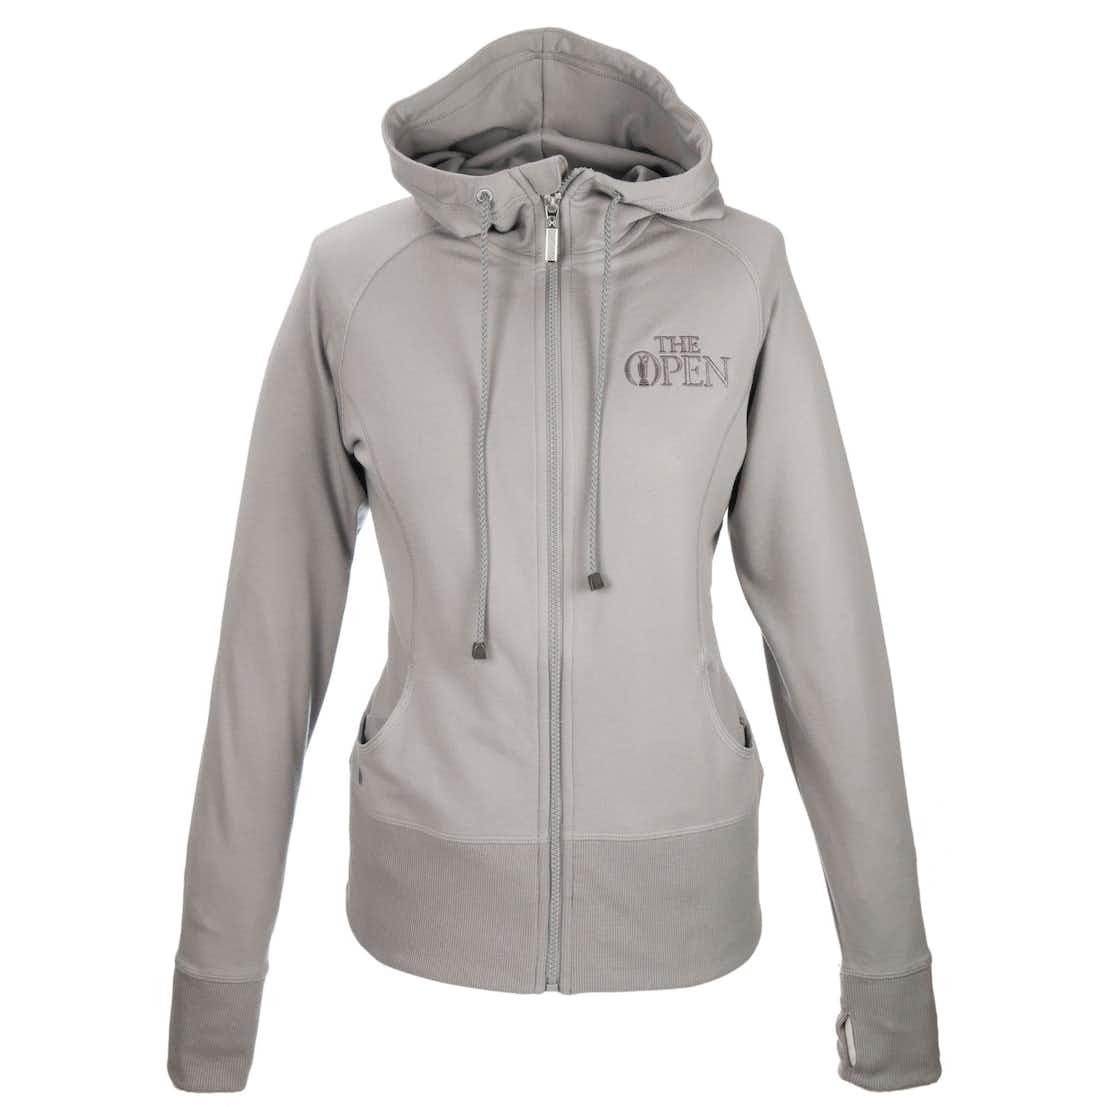 147th Carnoustie Kate Lord Full-Zip Hoodie - Grey